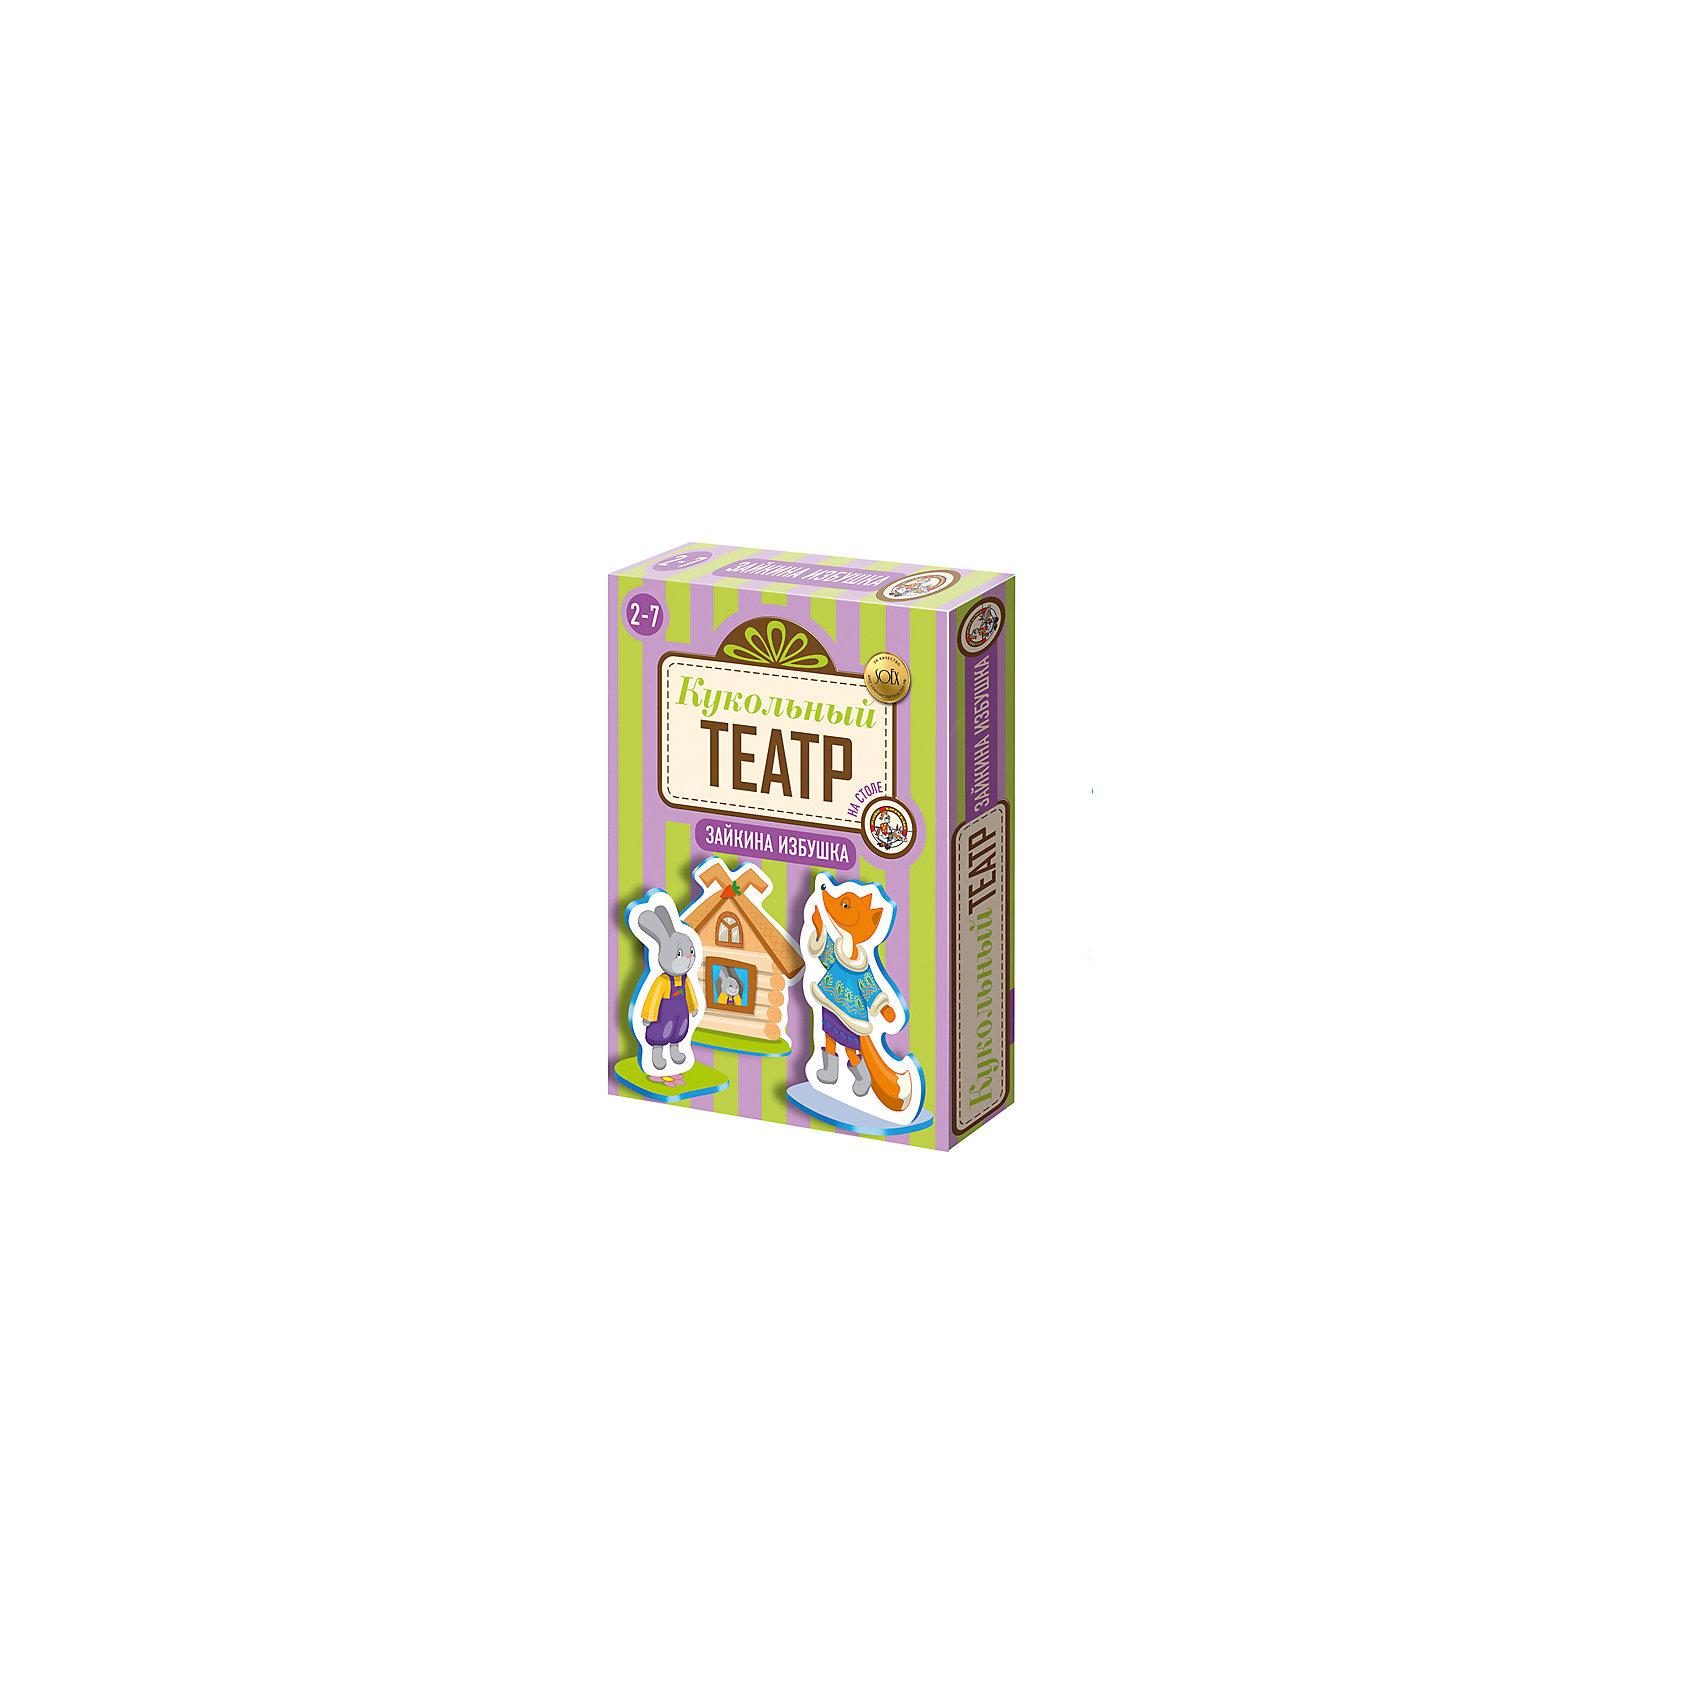 Кукольный театр на столе Зайкина избушка, Десятое королевствоНастольные игры для всей семьи<br>Кукольный театр на столе Зайкина избушка, Десятое королевство<br><br>Характеристики: <br><br>• Возраст: от 3 лет<br>• Материал: картон, бумага<br>• В комплекте: двусторонние фигурки, подставки, правила<br><br>Этот набор создан на основе знаменитой сказки и содержит в комплекте все необходимое, для разыгрывания мини-представления на эту тему. Играя с этим набором, ребенок будет учиться произносить длинные фразы, натренирует память и сможет избавиться от стеснительности и зажатости. Каждый элемент набора создан с применением качественных и безвредных для ребенка материалов.<br><br>Кукольный театр на столе Зайкина избушка, Десятое королевство можно купить в нашем интернет-магазине.<br><br>Ширина мм: 275<br>Глубина мм: 200<br>Высота мм: 40<br>Вес г: 231<br>Возраст от месяцев: 60<br>Возраст до месяцев: 84<br>Пол: Унисекс<br>Возраст: Детский<br>SKU: 5473778